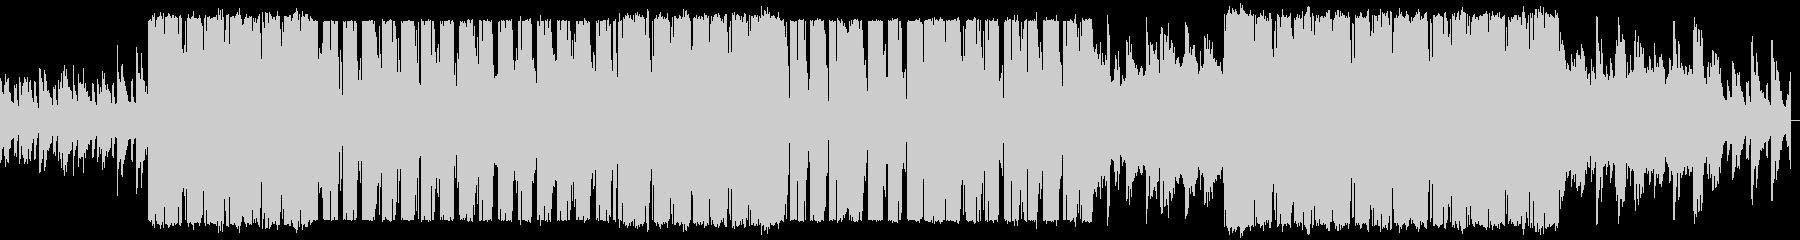 アコギとストリングスが印象的なラブソングの未再生の波形